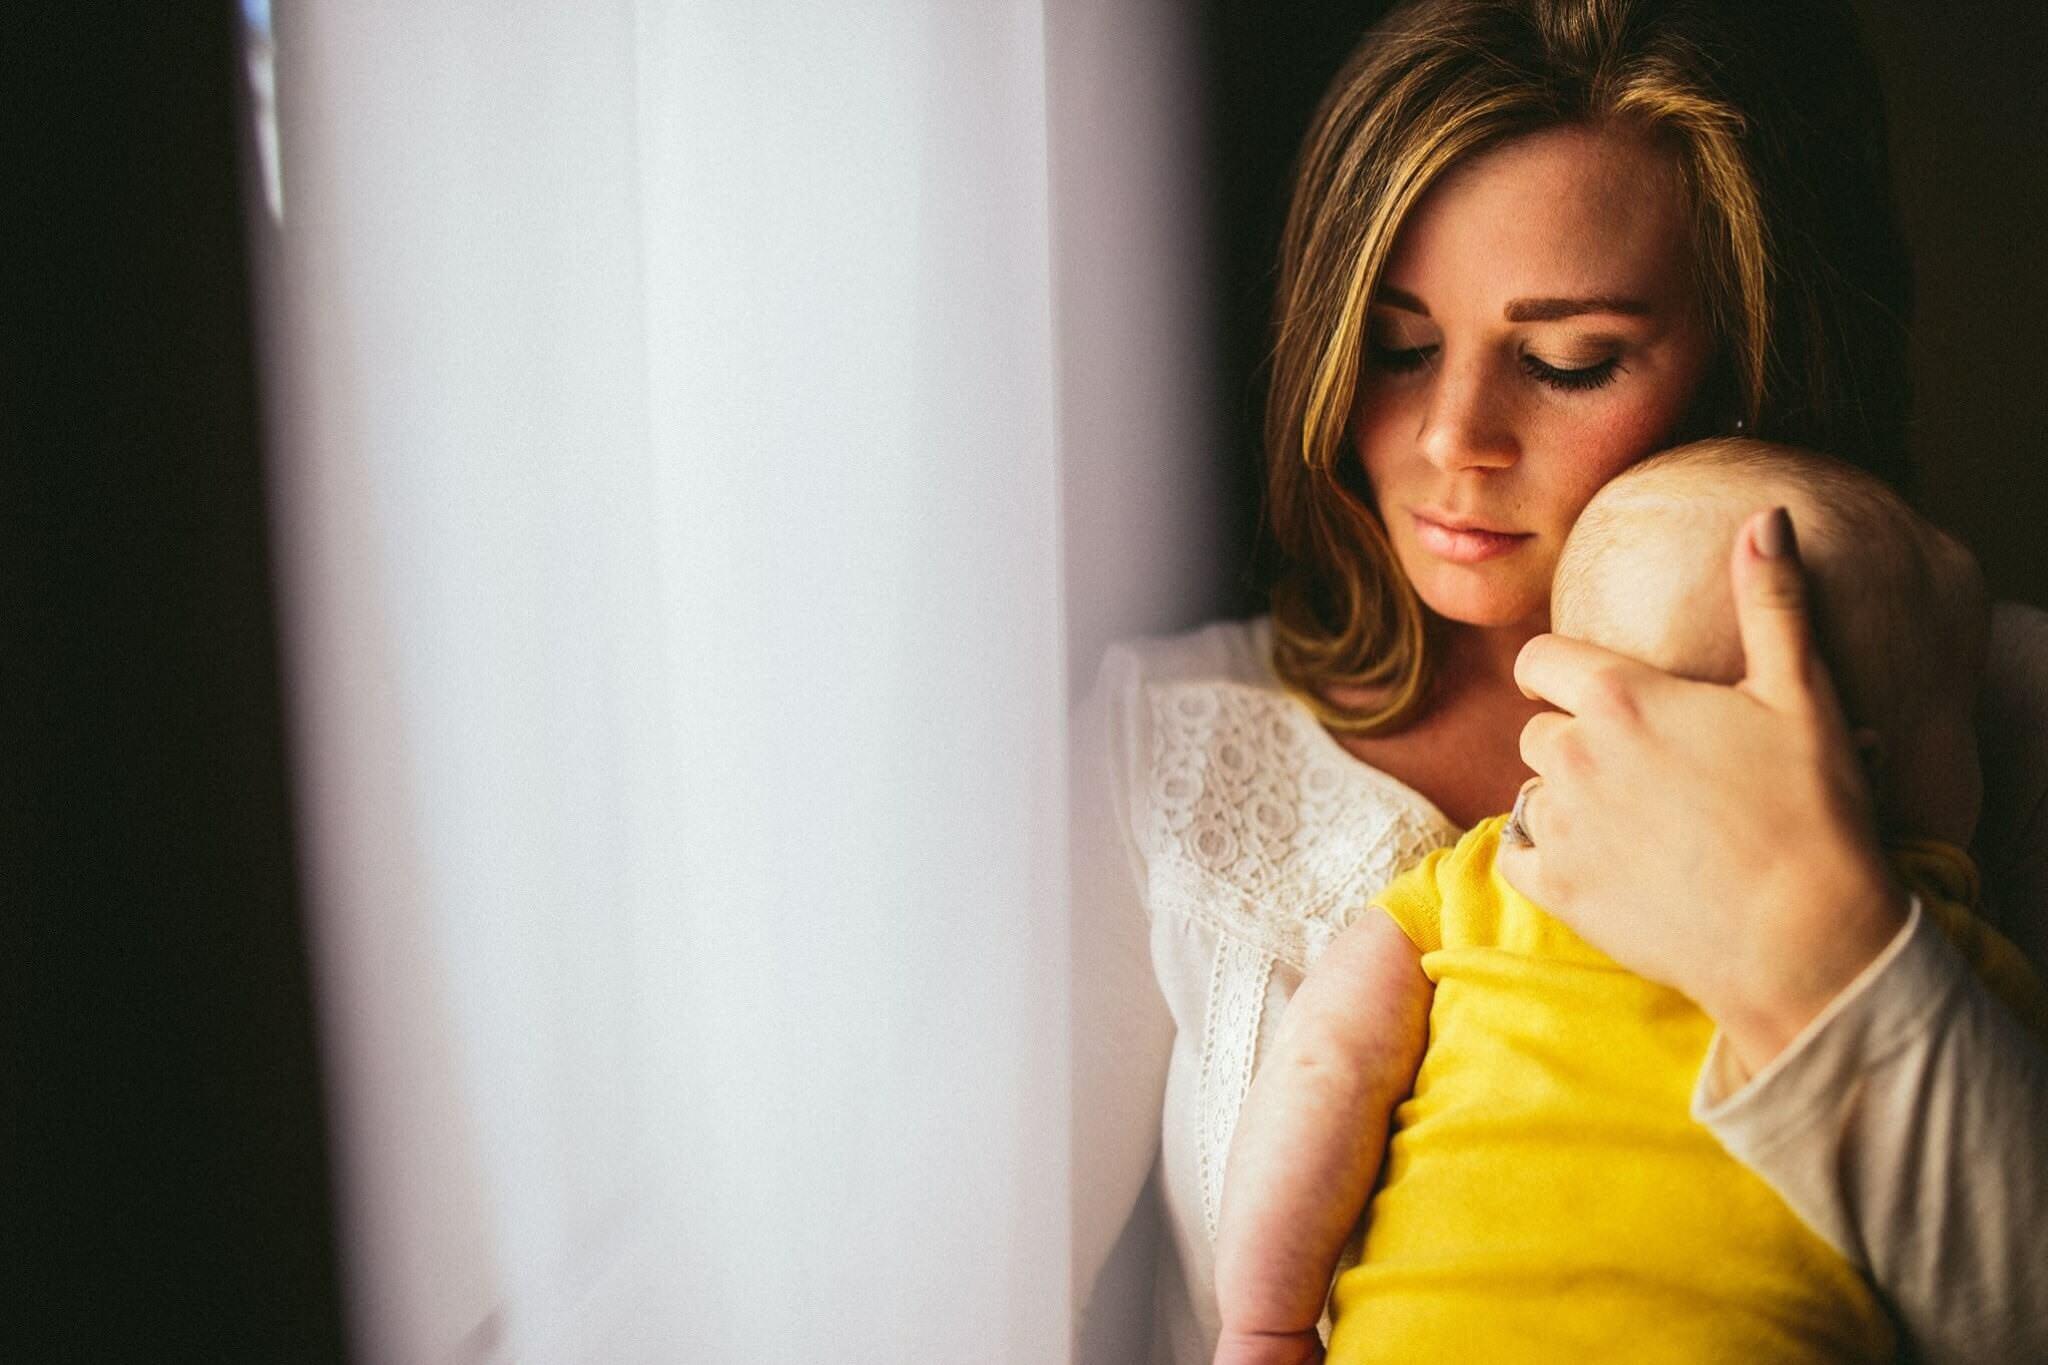 嘘でしょ…?母乳のつまりと食べ物(食事制限)の意外な事実。